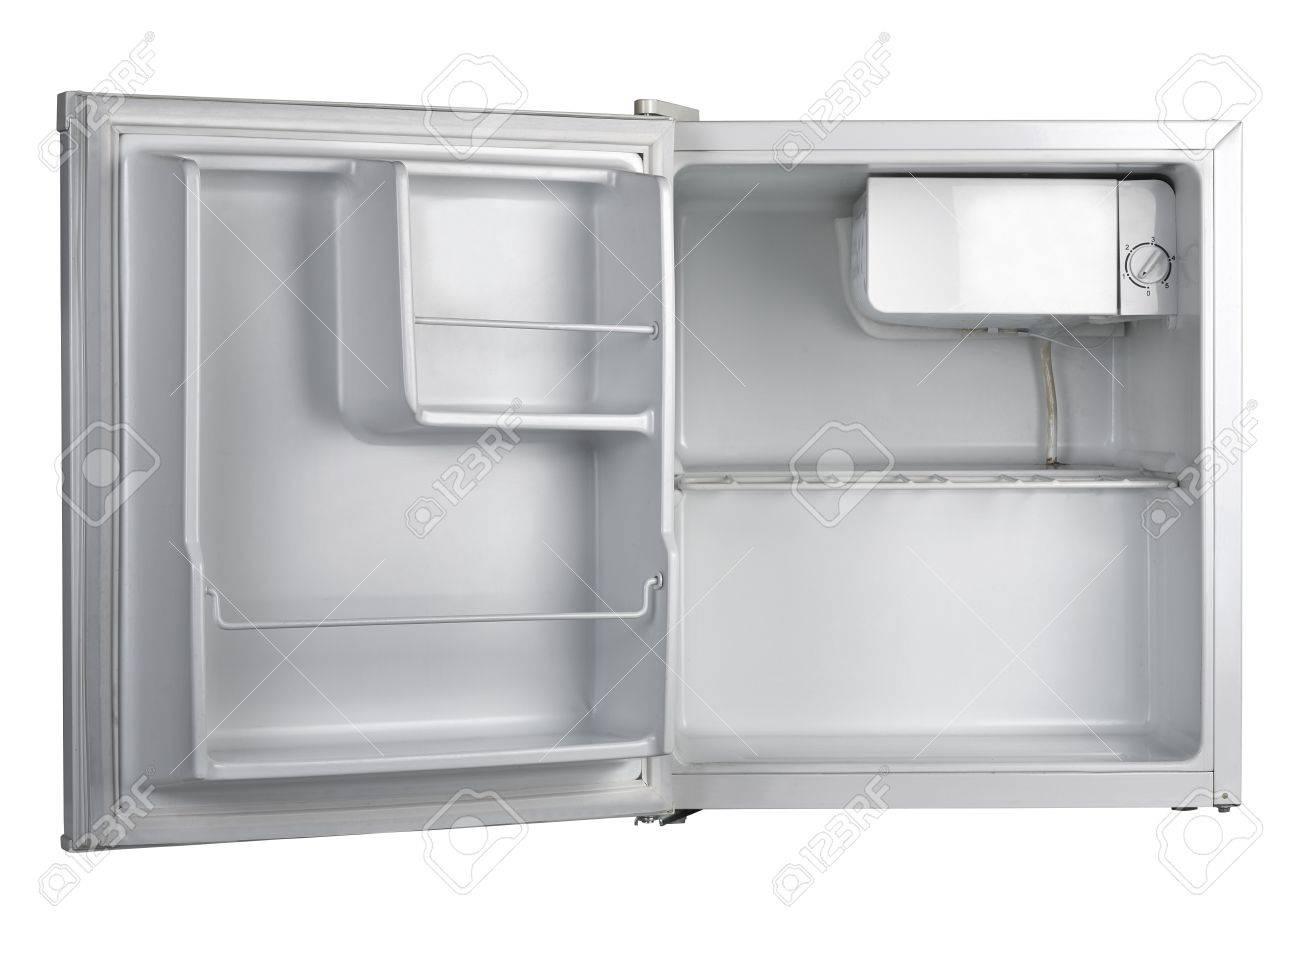 Kühlschrank Weiss : Kühlschrank mit offener tür isoliert auf weiß lizenzfreie fotos